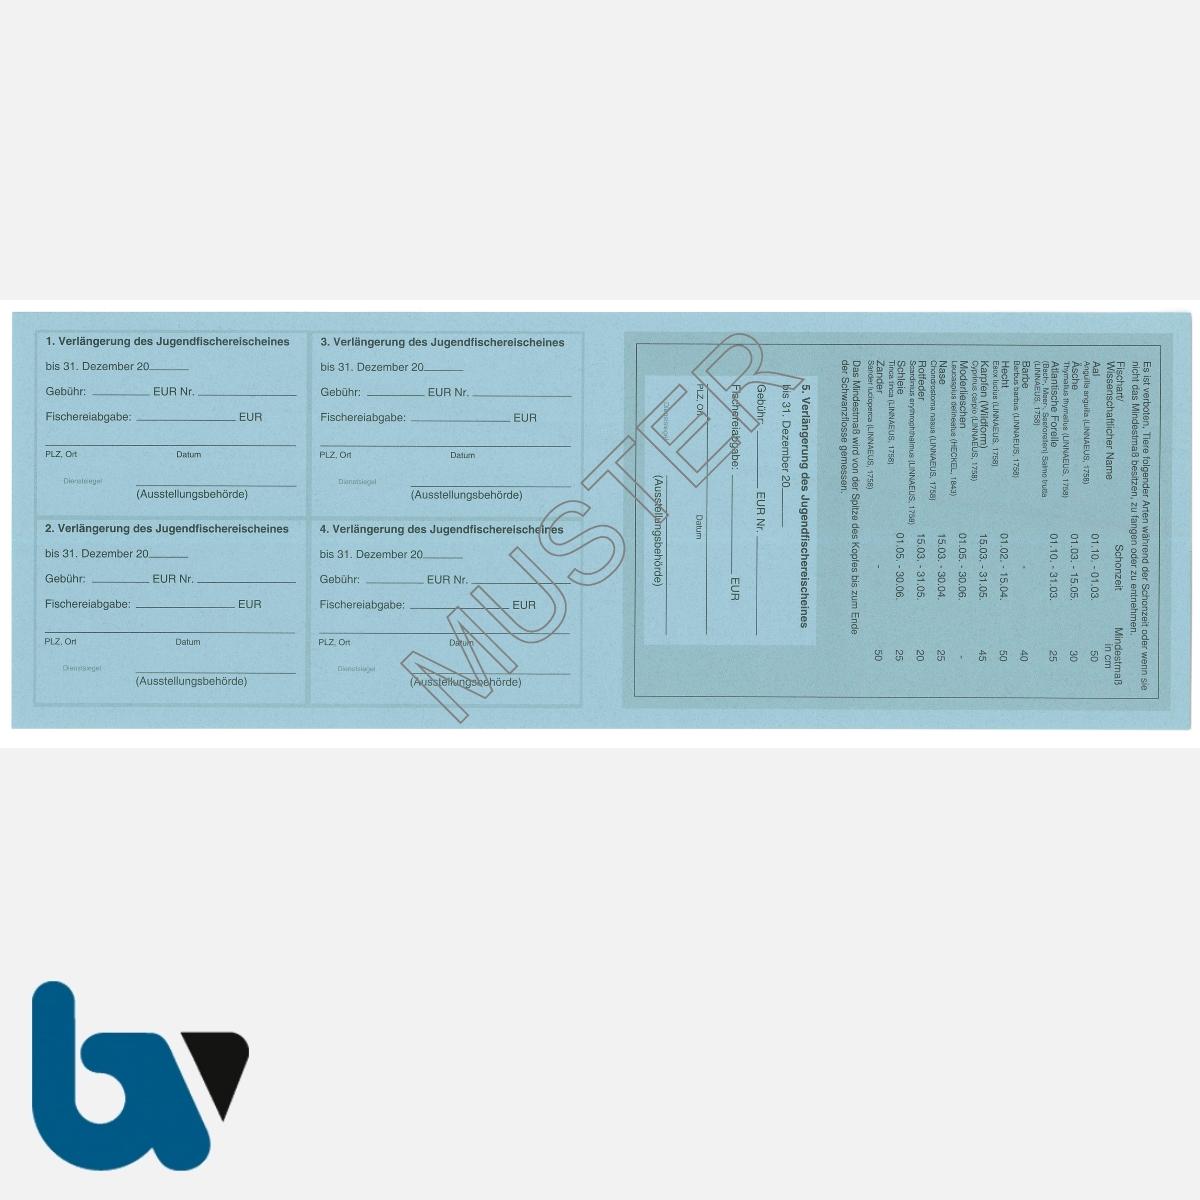 3/456-3 Jugendfischereischein Hessen blau Neobond Muster RS | Borgard Verlag GmbH